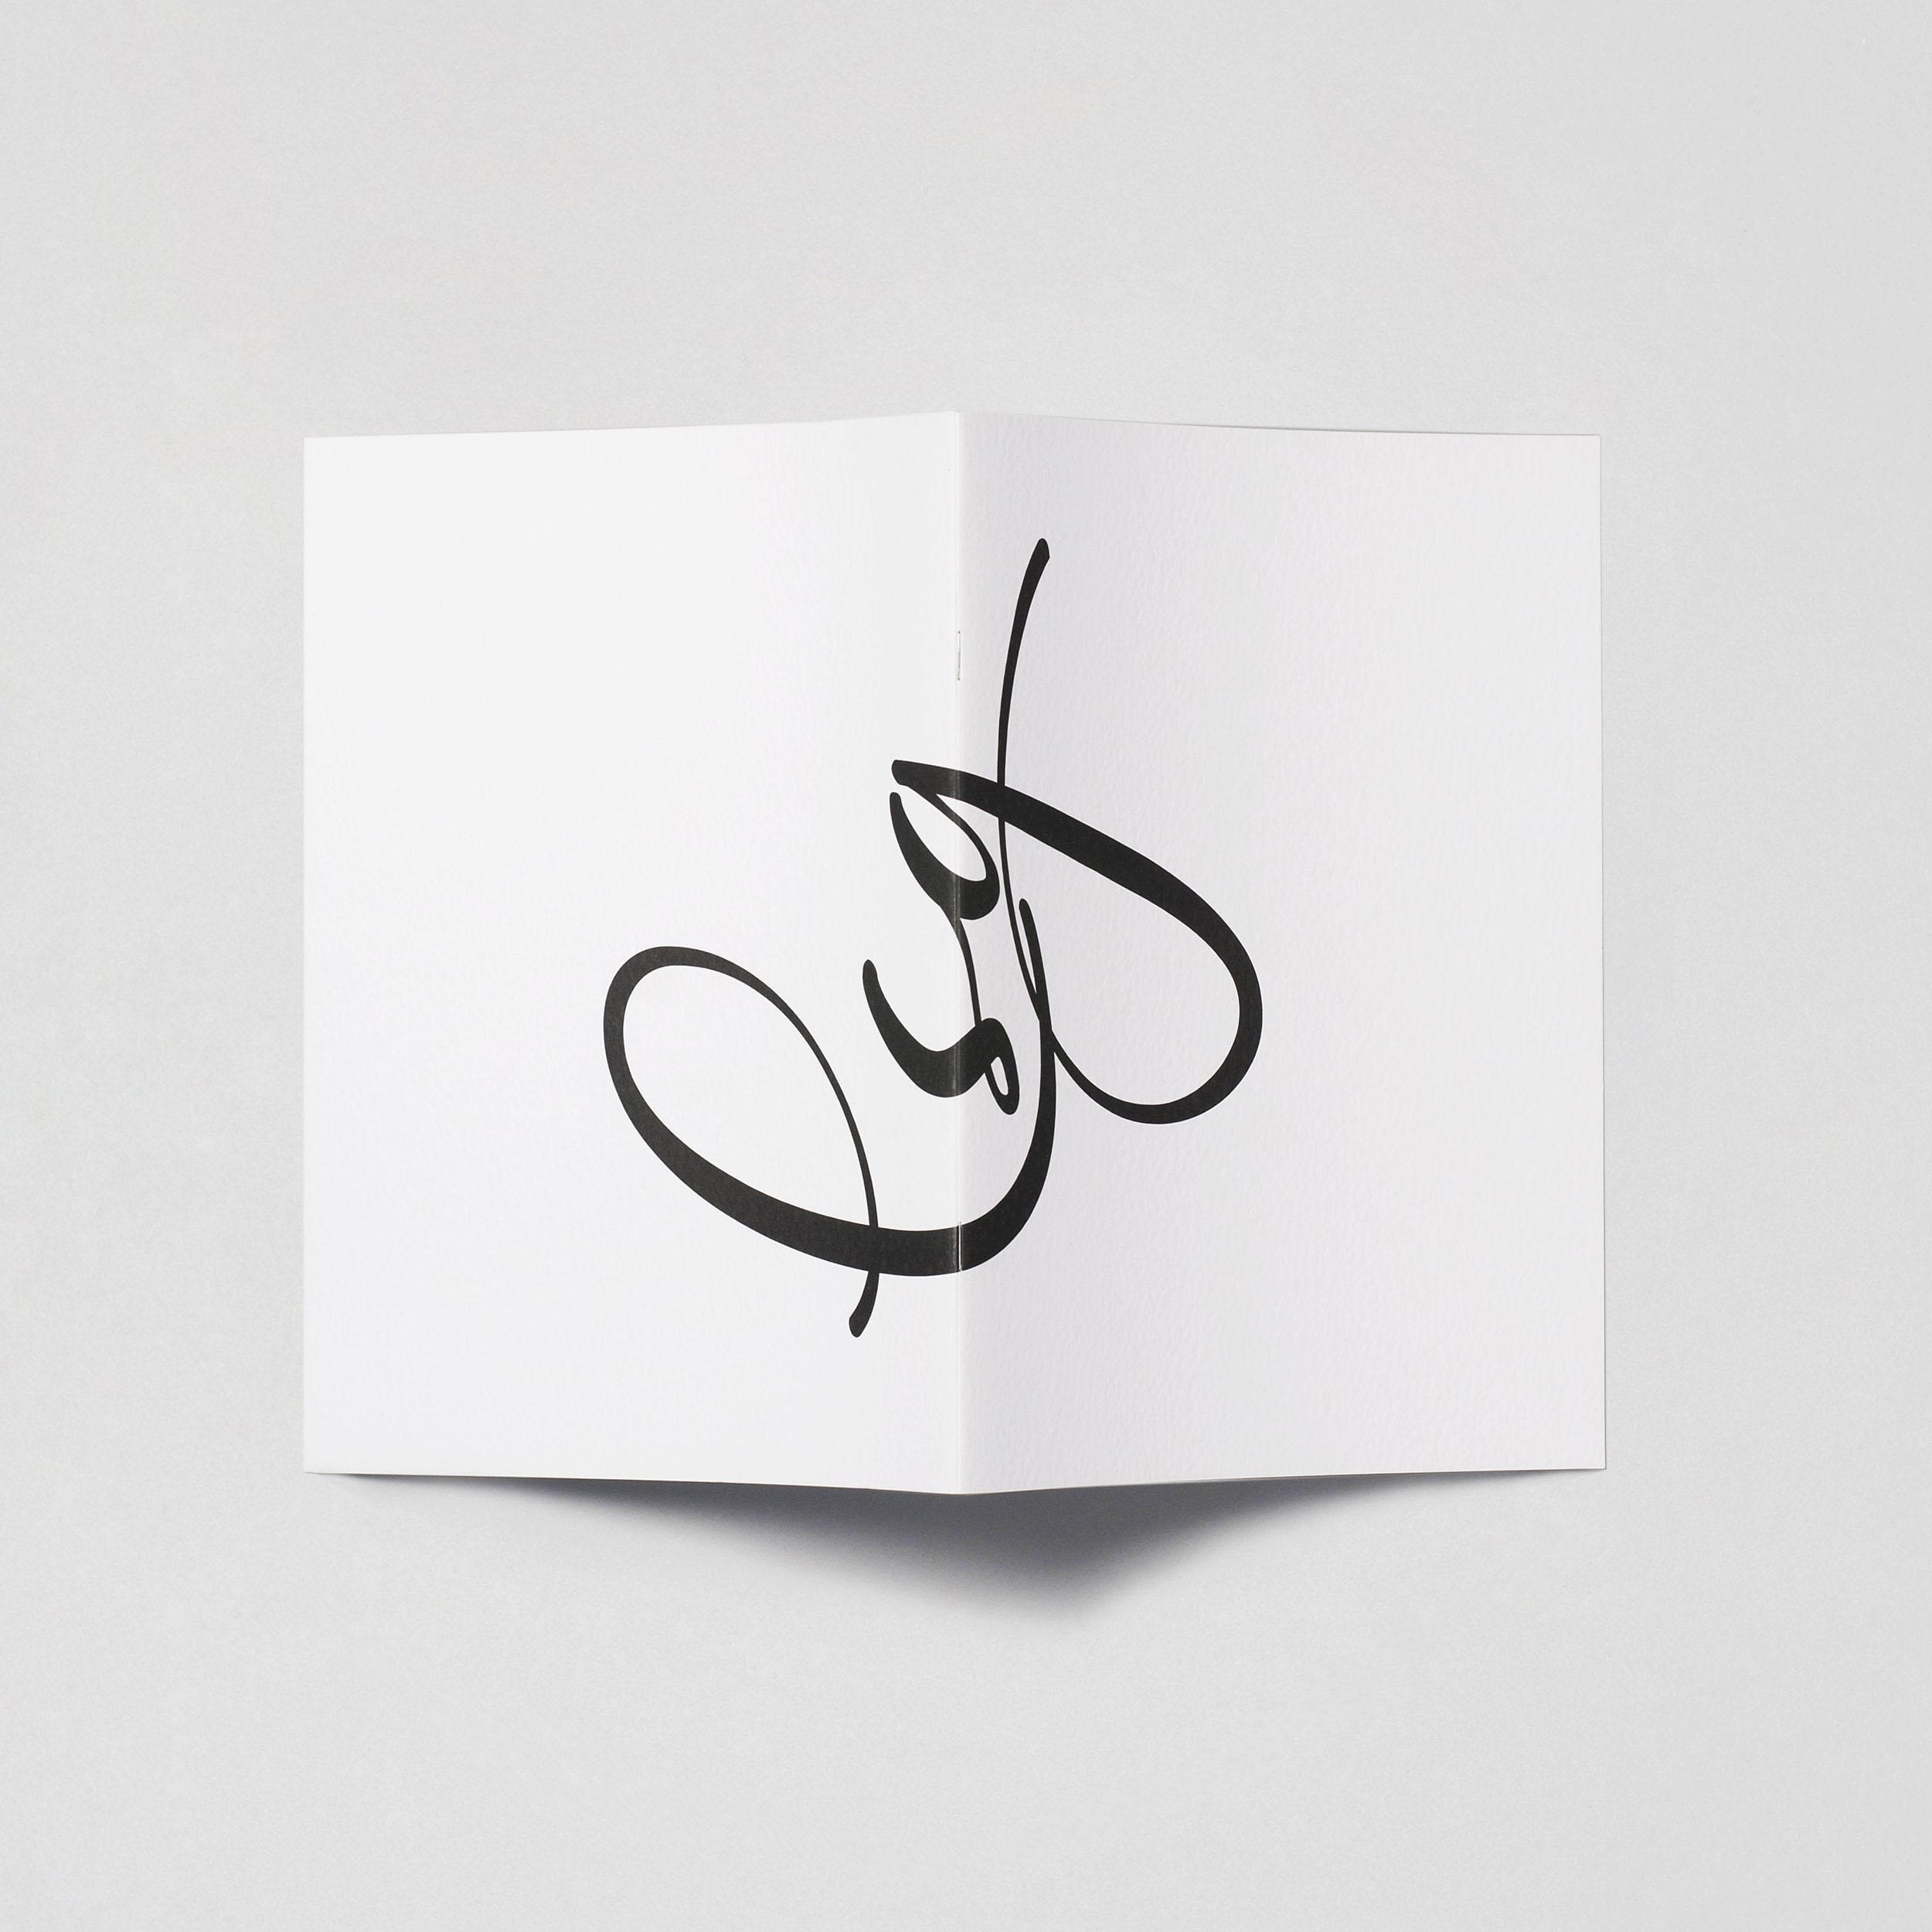 Lsg.opencover.Sq.jpg